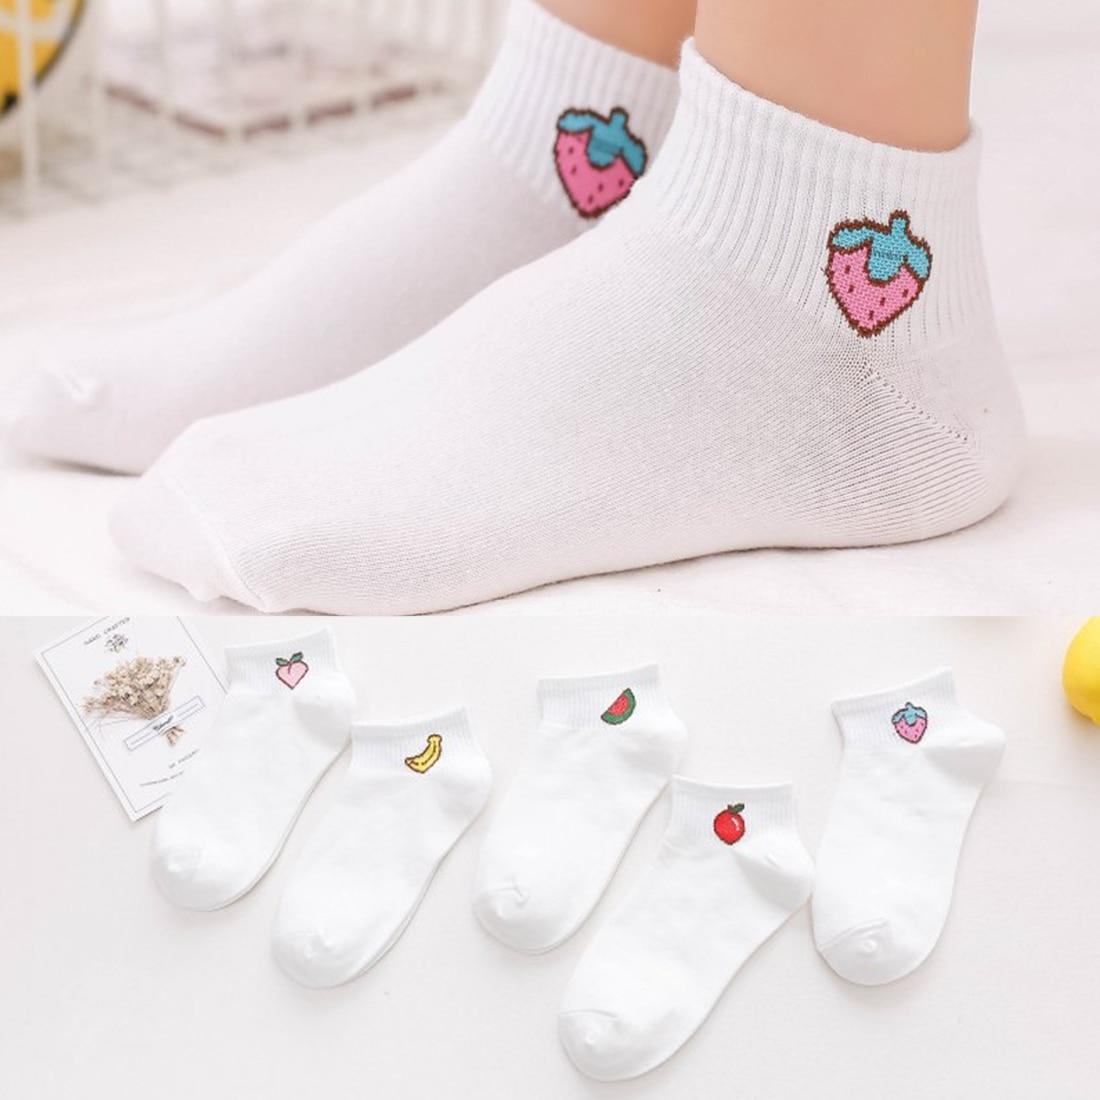 2019 new spring summer art fresh fruit boat socks white soft cotton socks breathable cute promotion women's travel hosiery